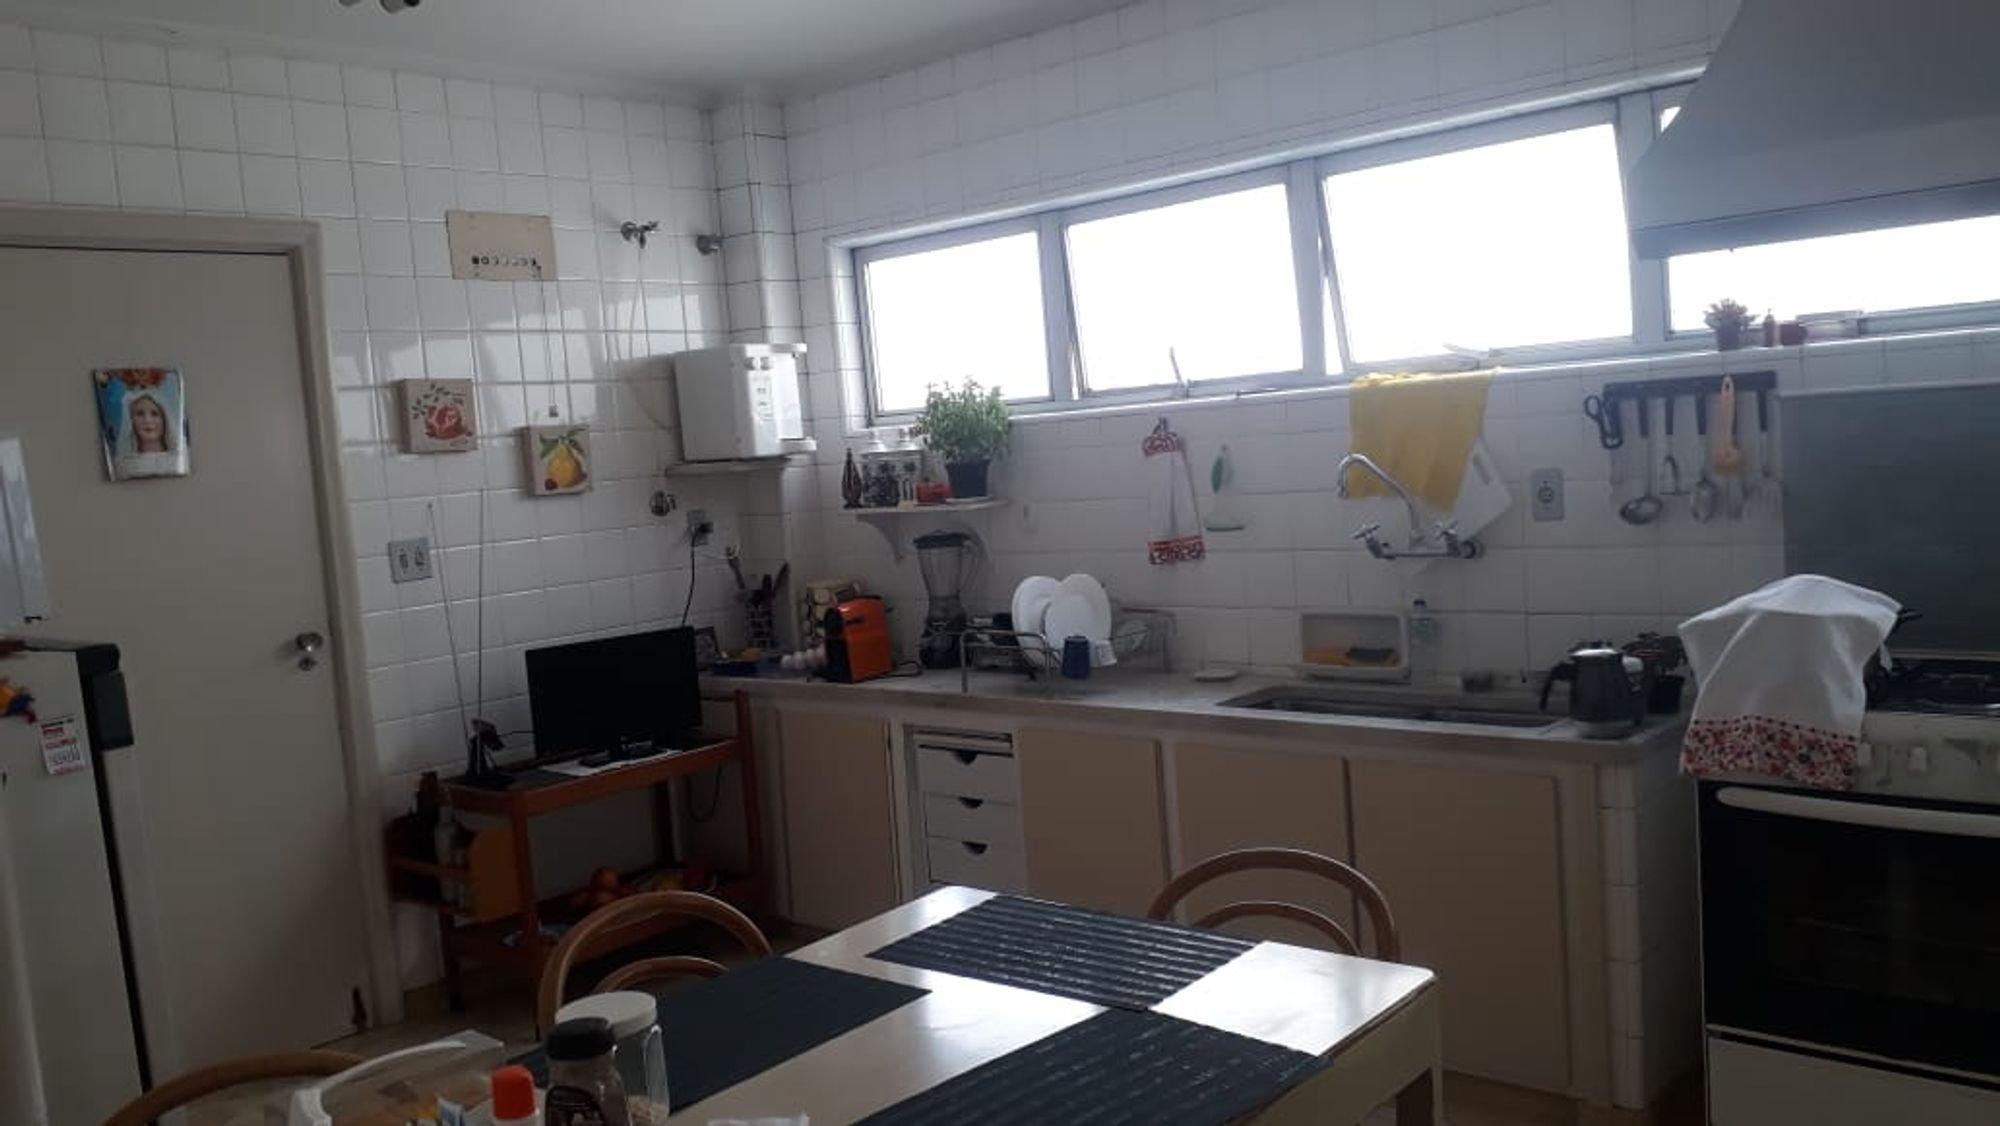 Foto de Cozinha com vaso de planta, televisão, forno, cadeira, pia, mesa de jantar, colher